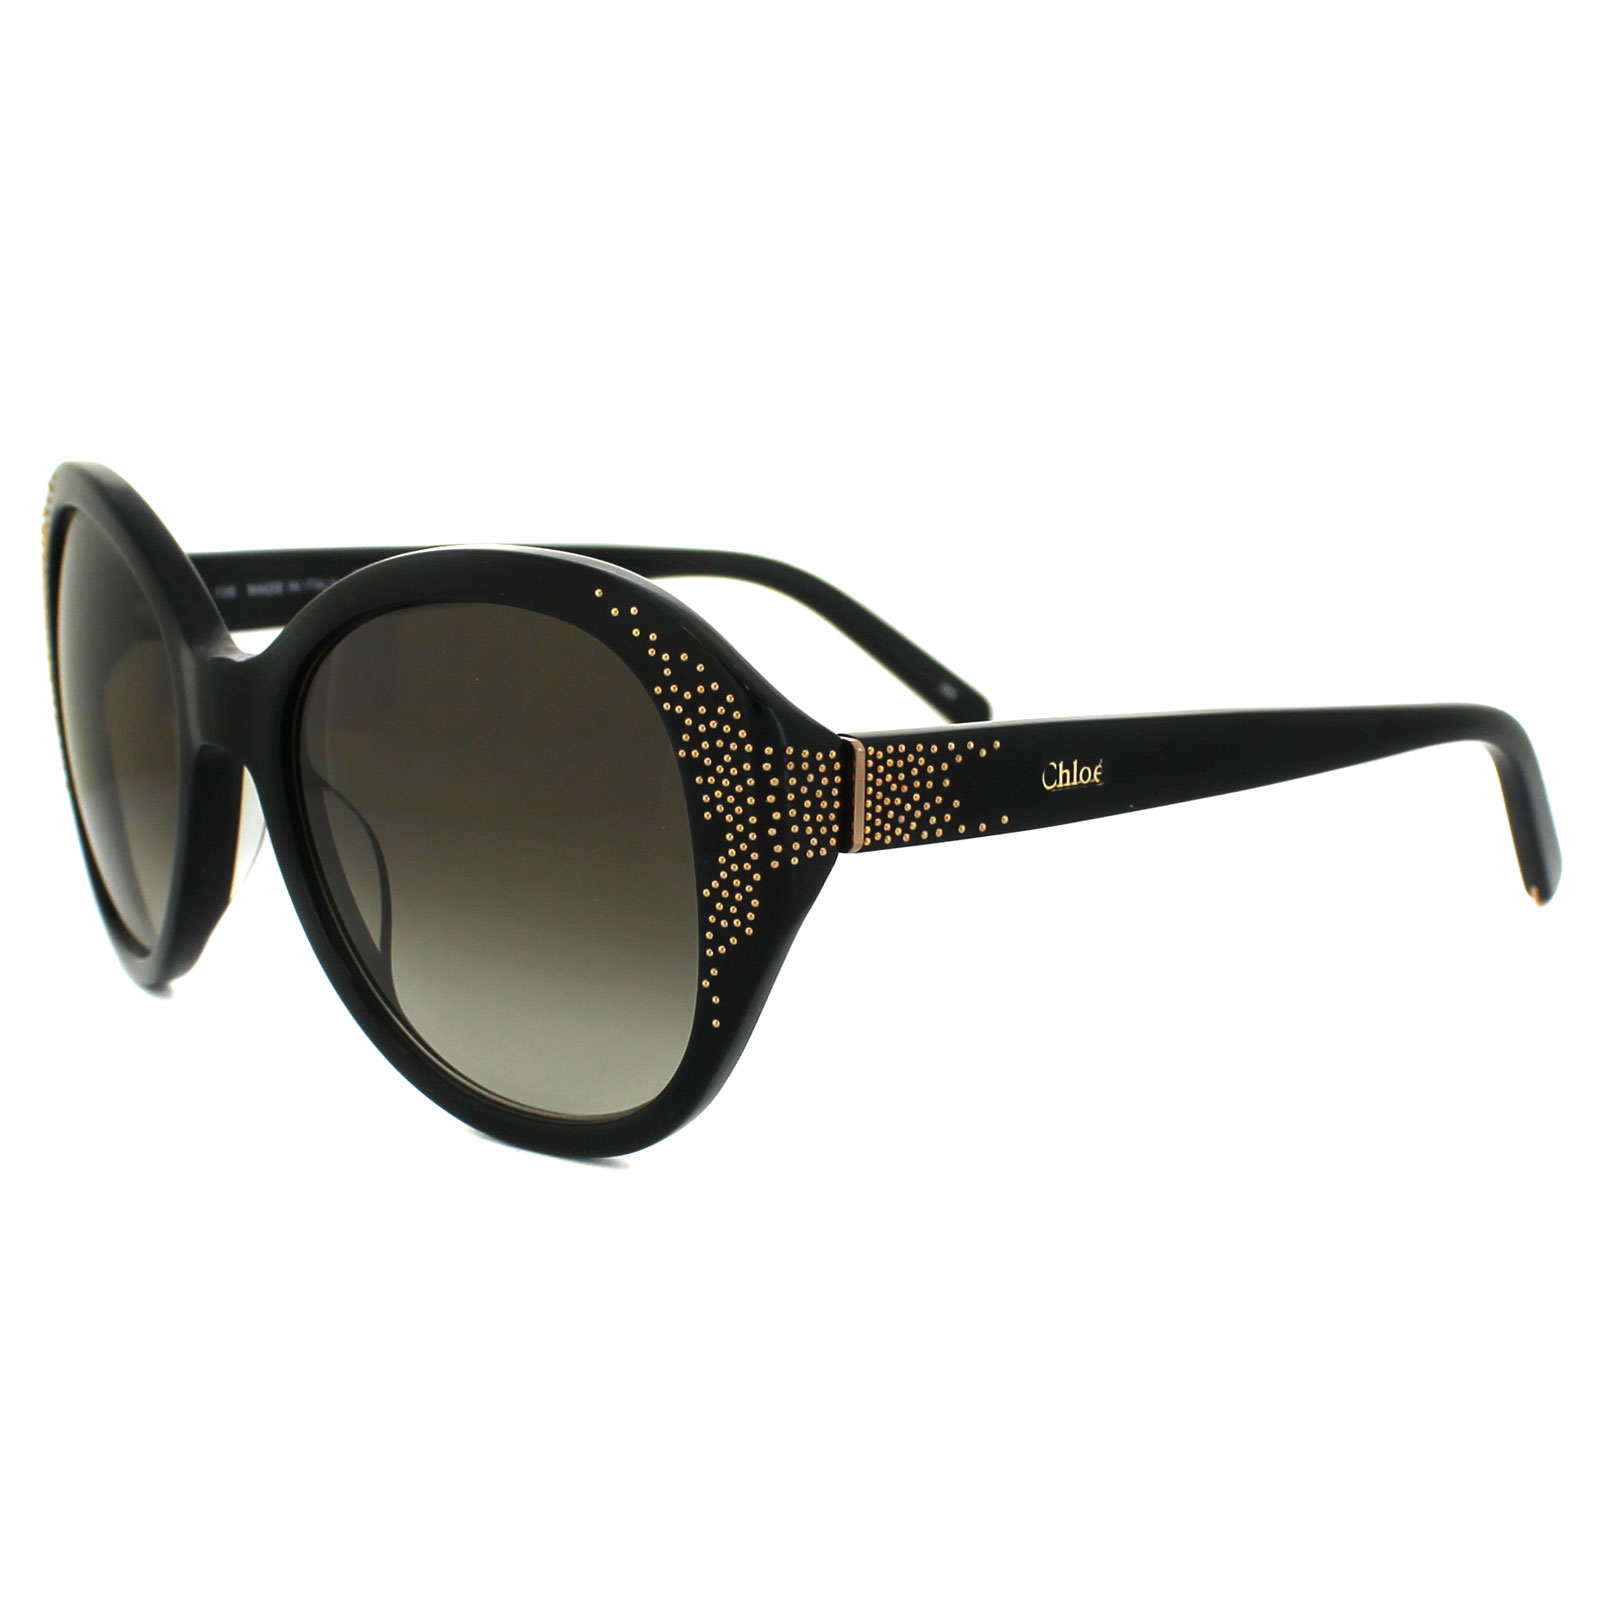 Sonnenbrille Schutzbrille Sportbrille Arbeitsbrille Radbrille grau//verspiegelt uvex i-works 9194 Unisex Brille EN 166 mit UV-Schutz